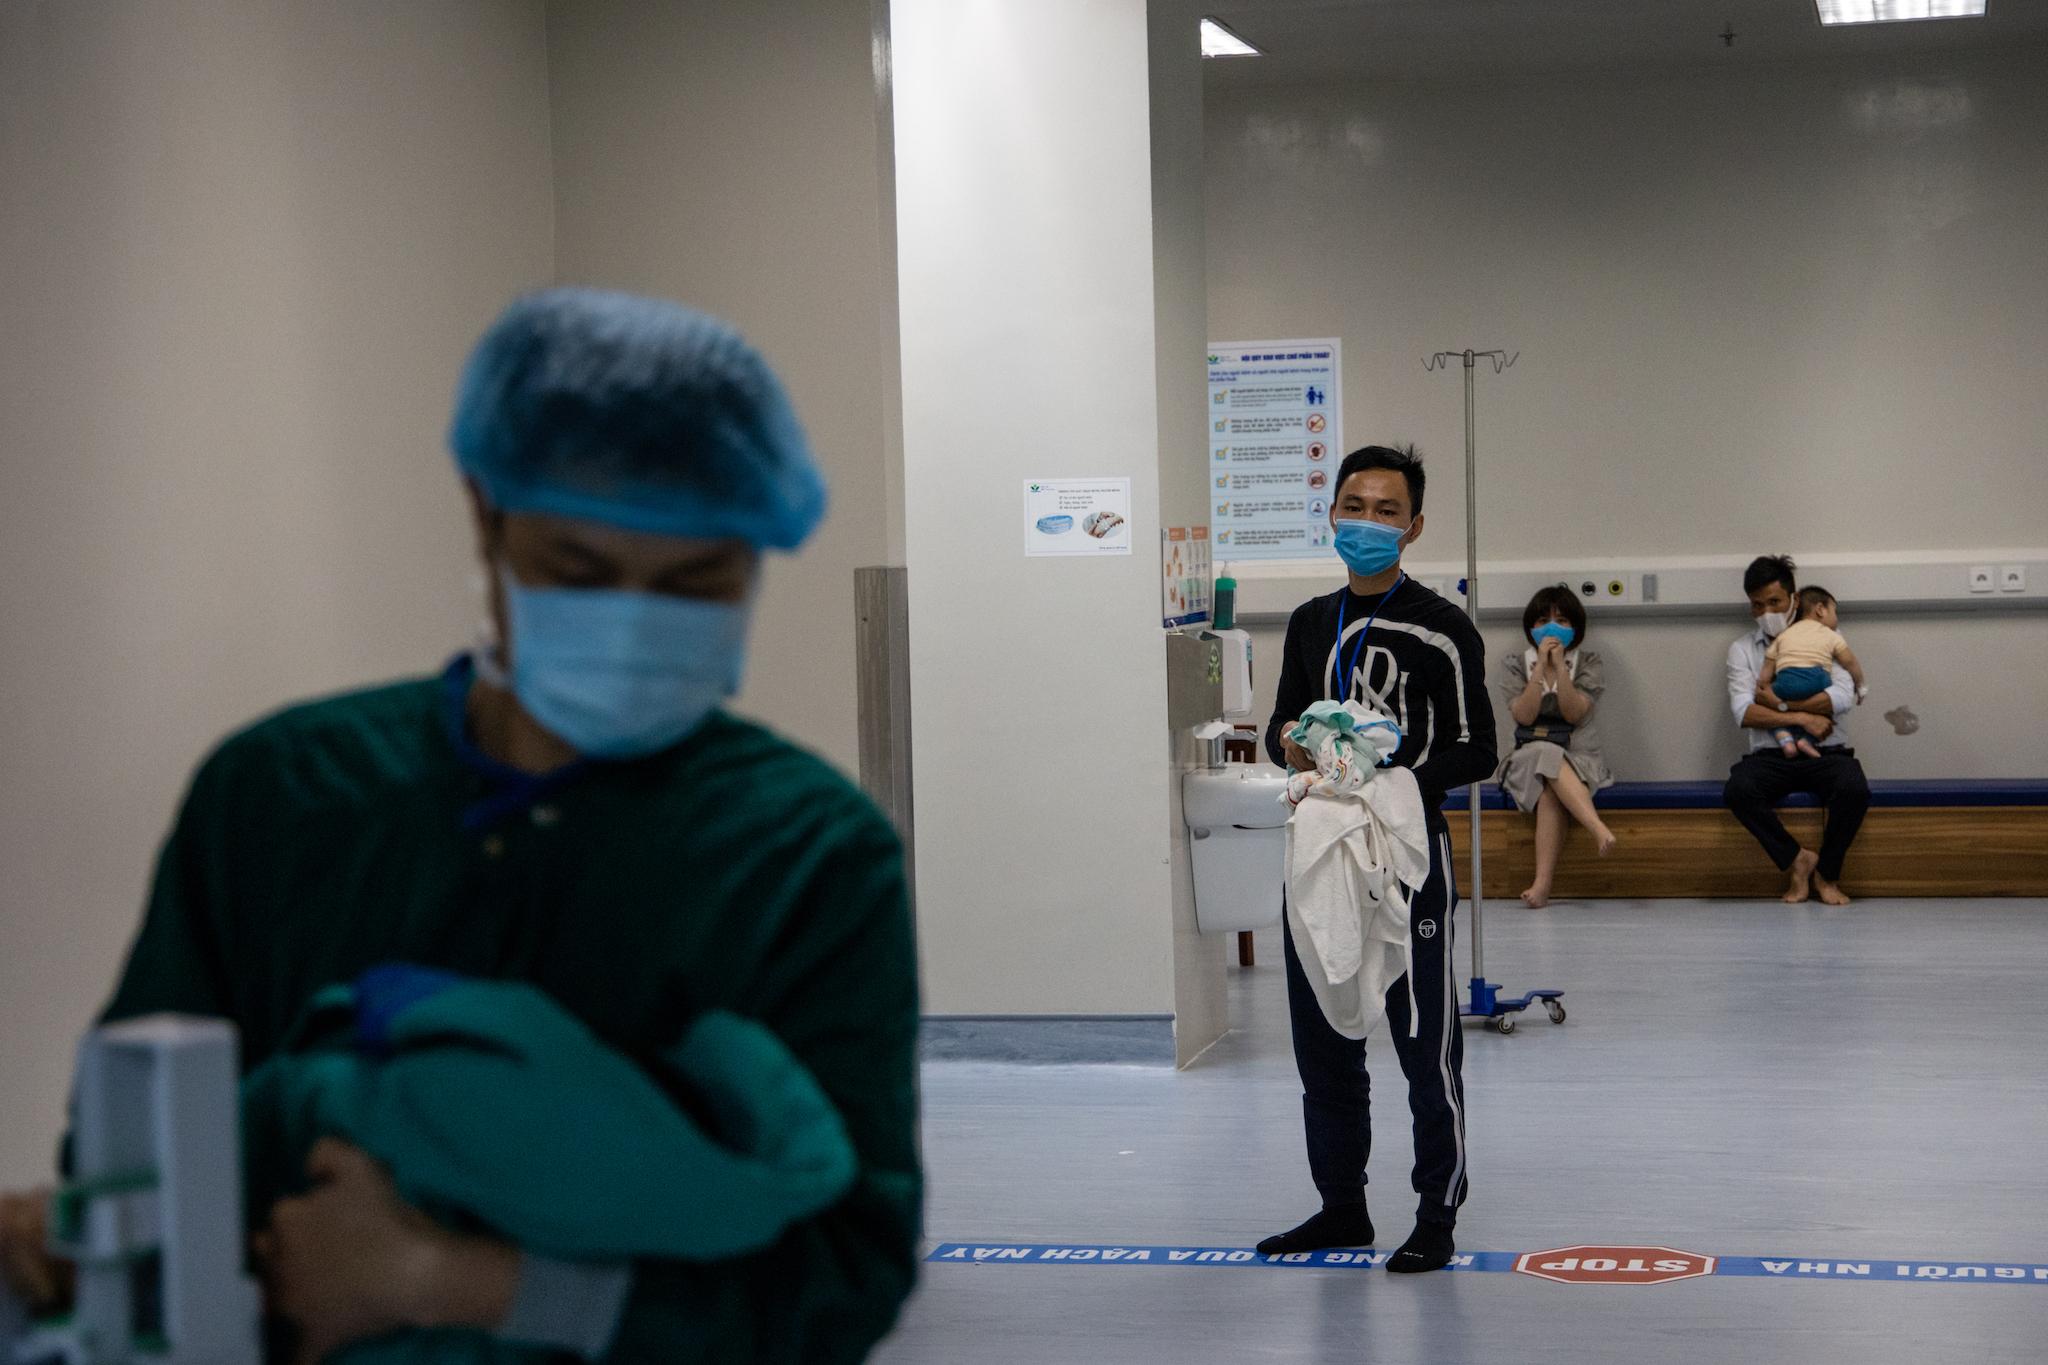 Anh Lượng quyến luyến đứng nhìn con trai mình trước phòng phẫu thuật. Chỉ ít phút nữa thôi, bé Quốc Thiên sẽ bước vào cuộc chiến